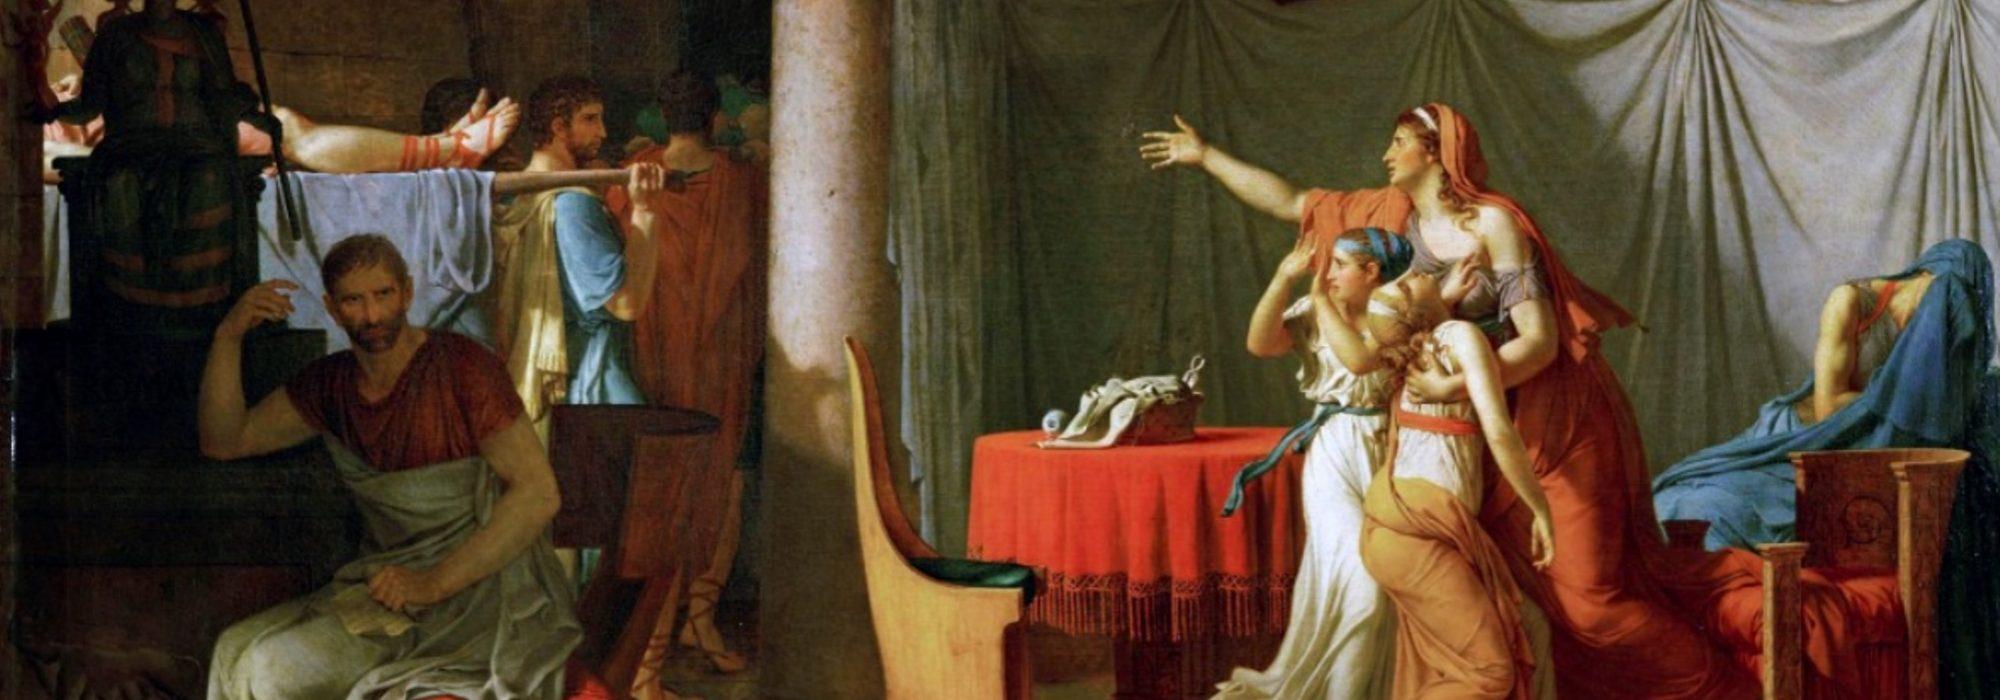 Imagem: Os Litores Levam ao Cônsul Brutus os Corpos de Seus Filhos (David)